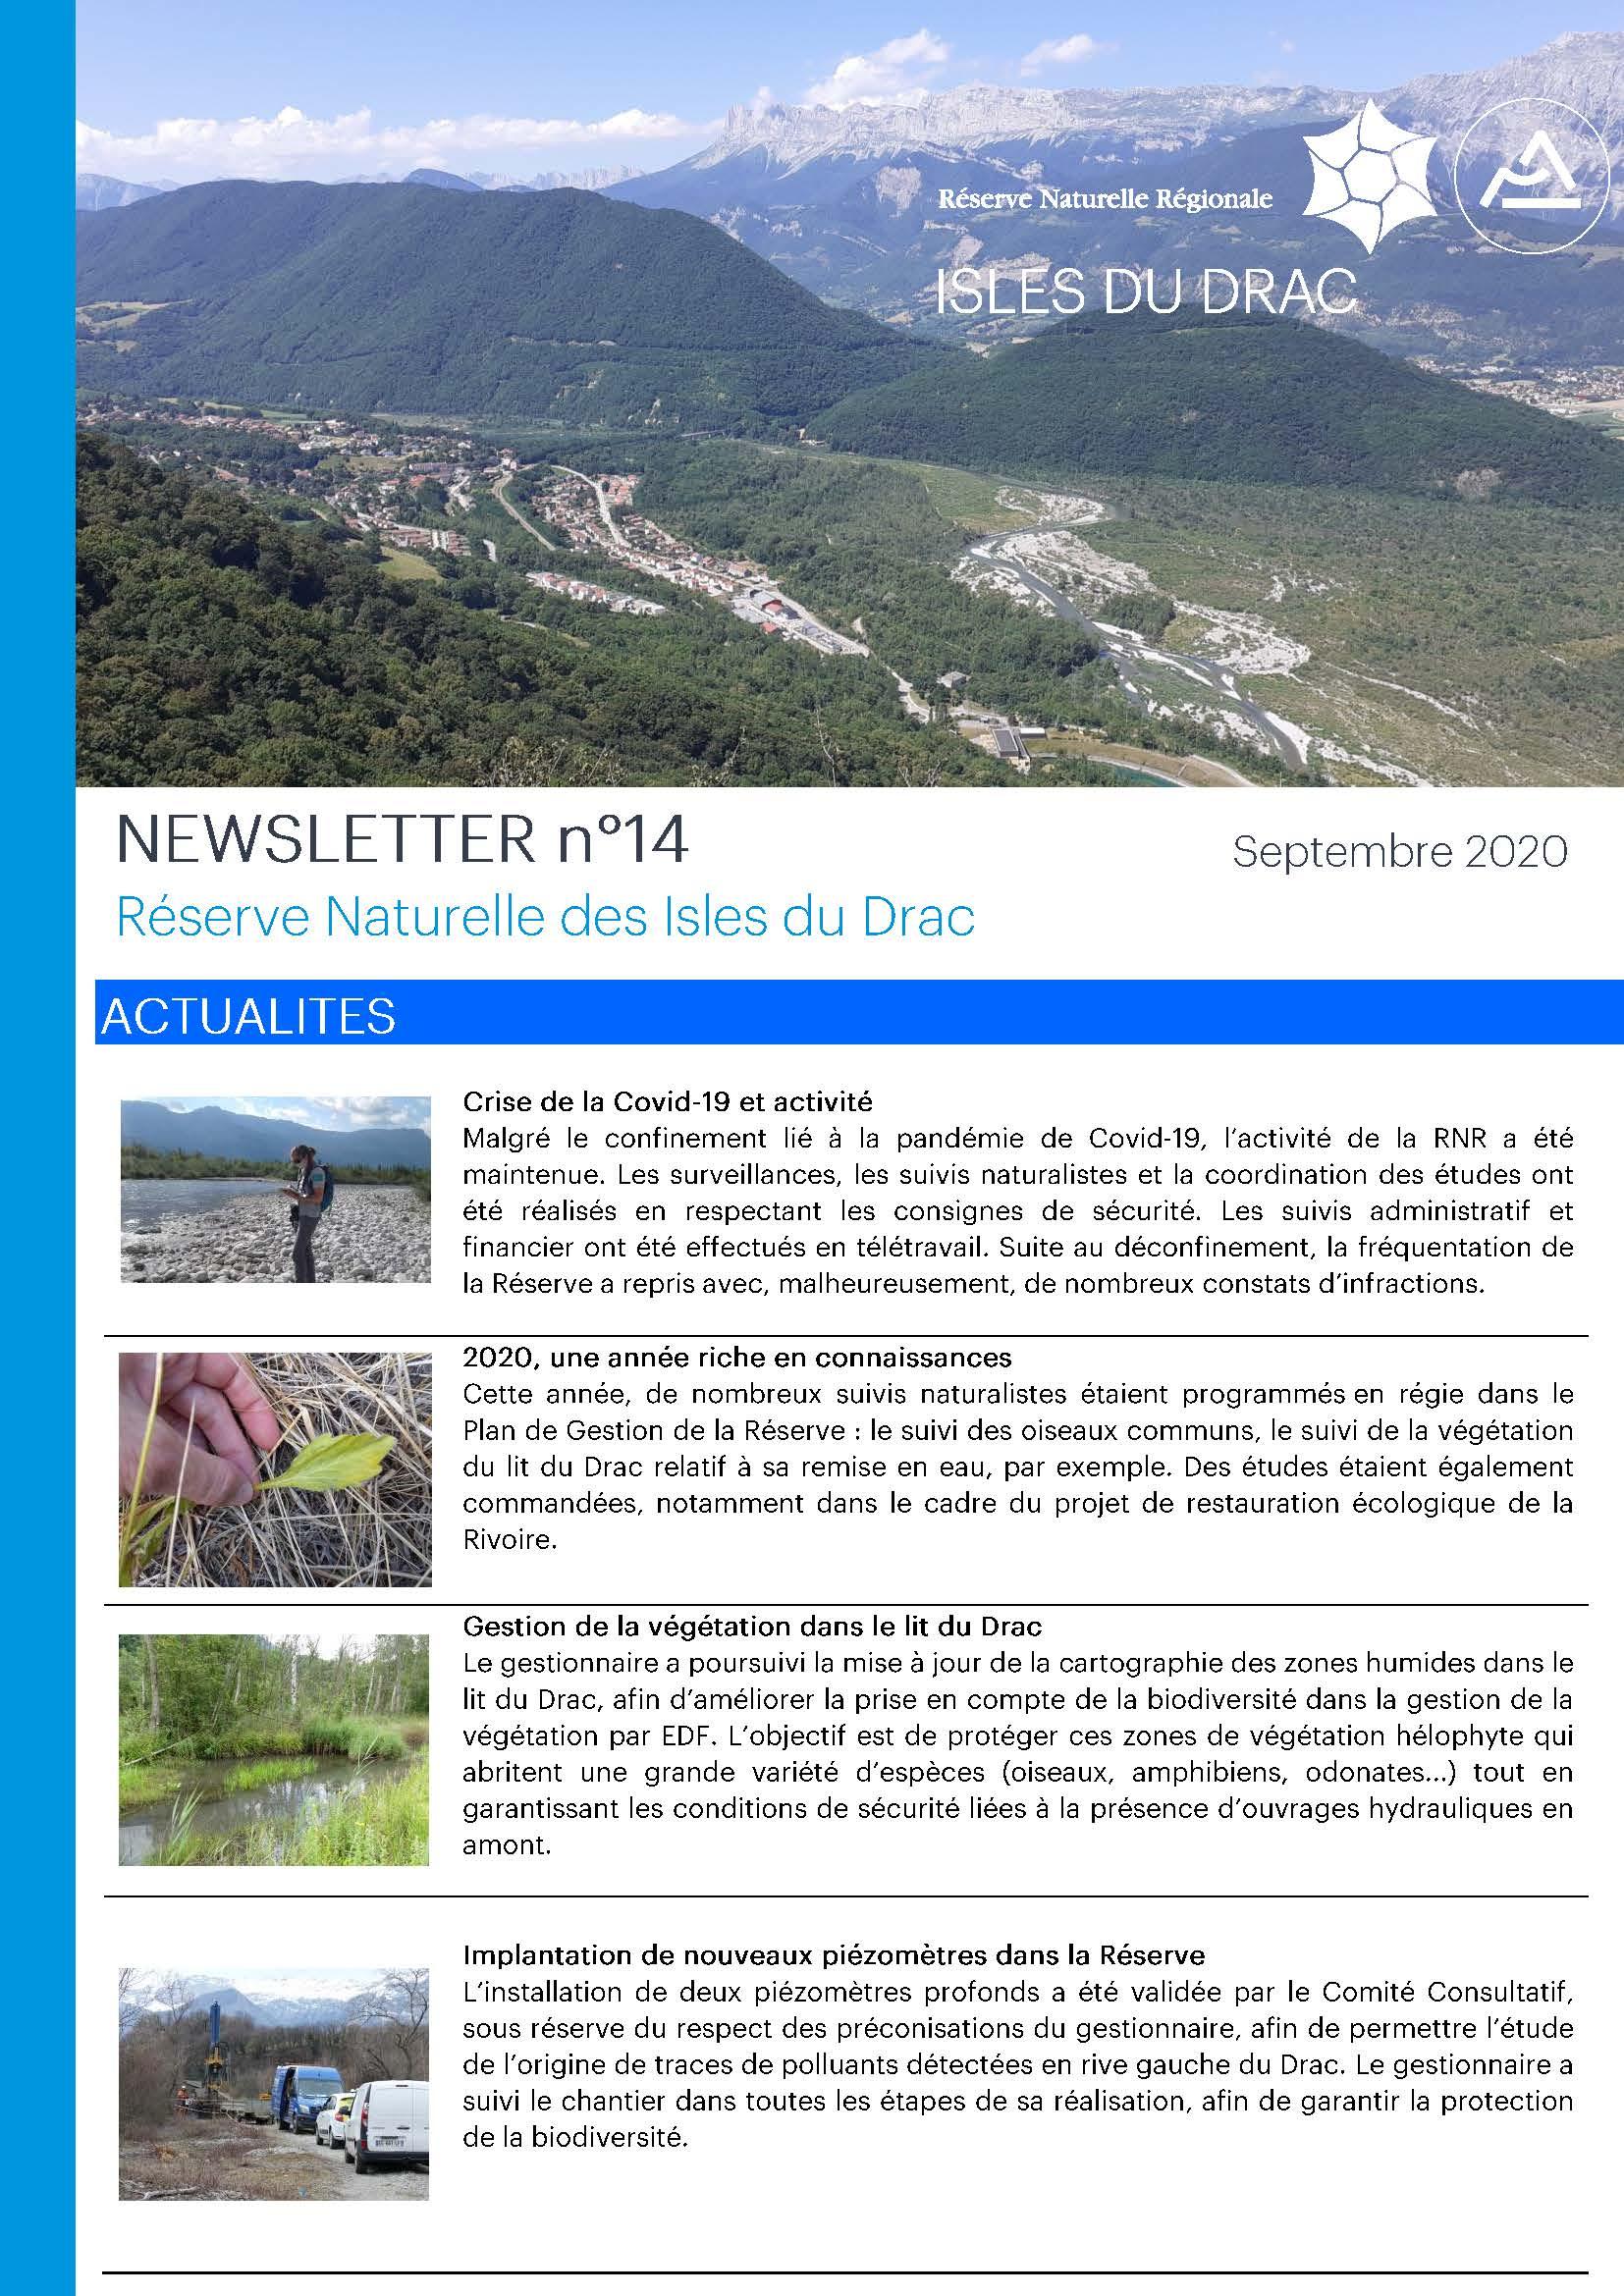 Newsletter 14 RNR Isles du Drac